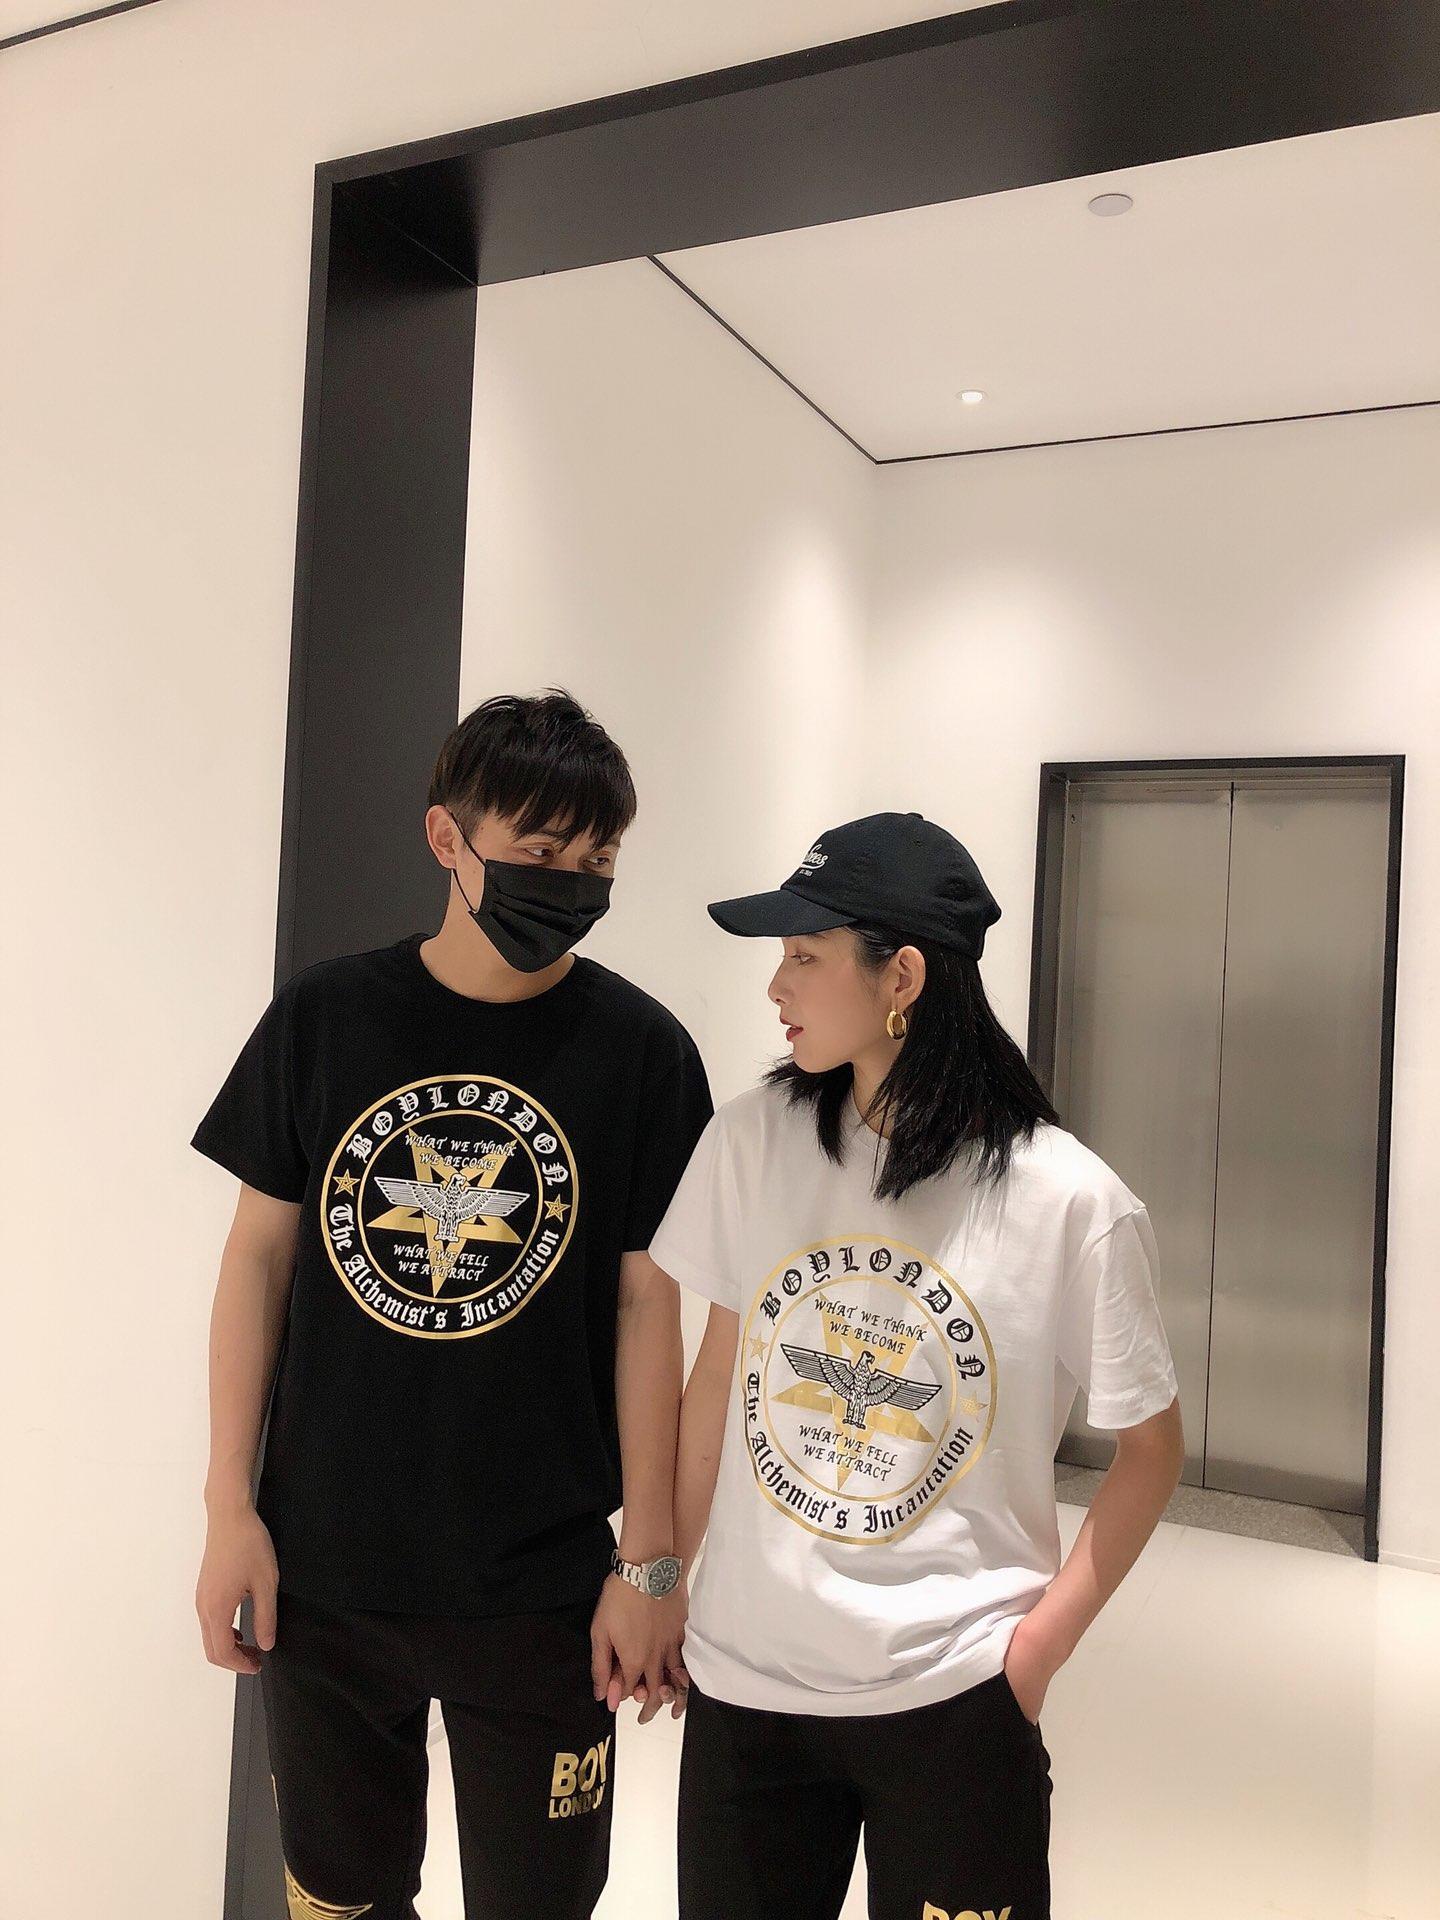 Boy London カップル Tシャツ スーパーコピーブランド ばれない おすすめ 激安販売